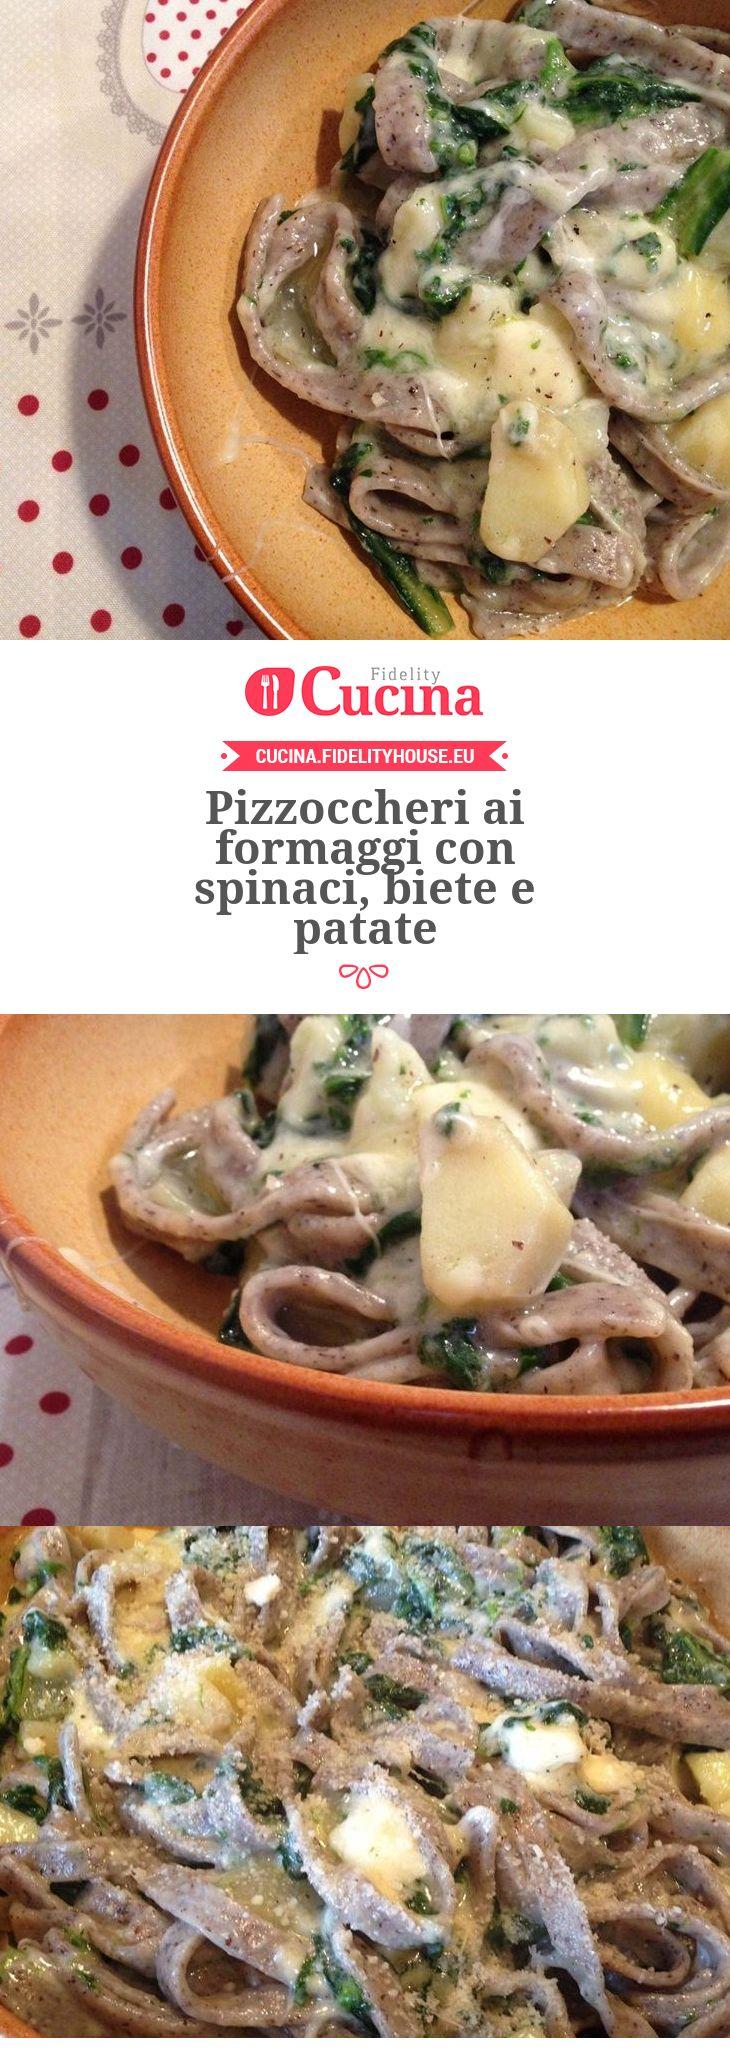 Pizzoccheri ai formaggi con spinaci, biete e patate